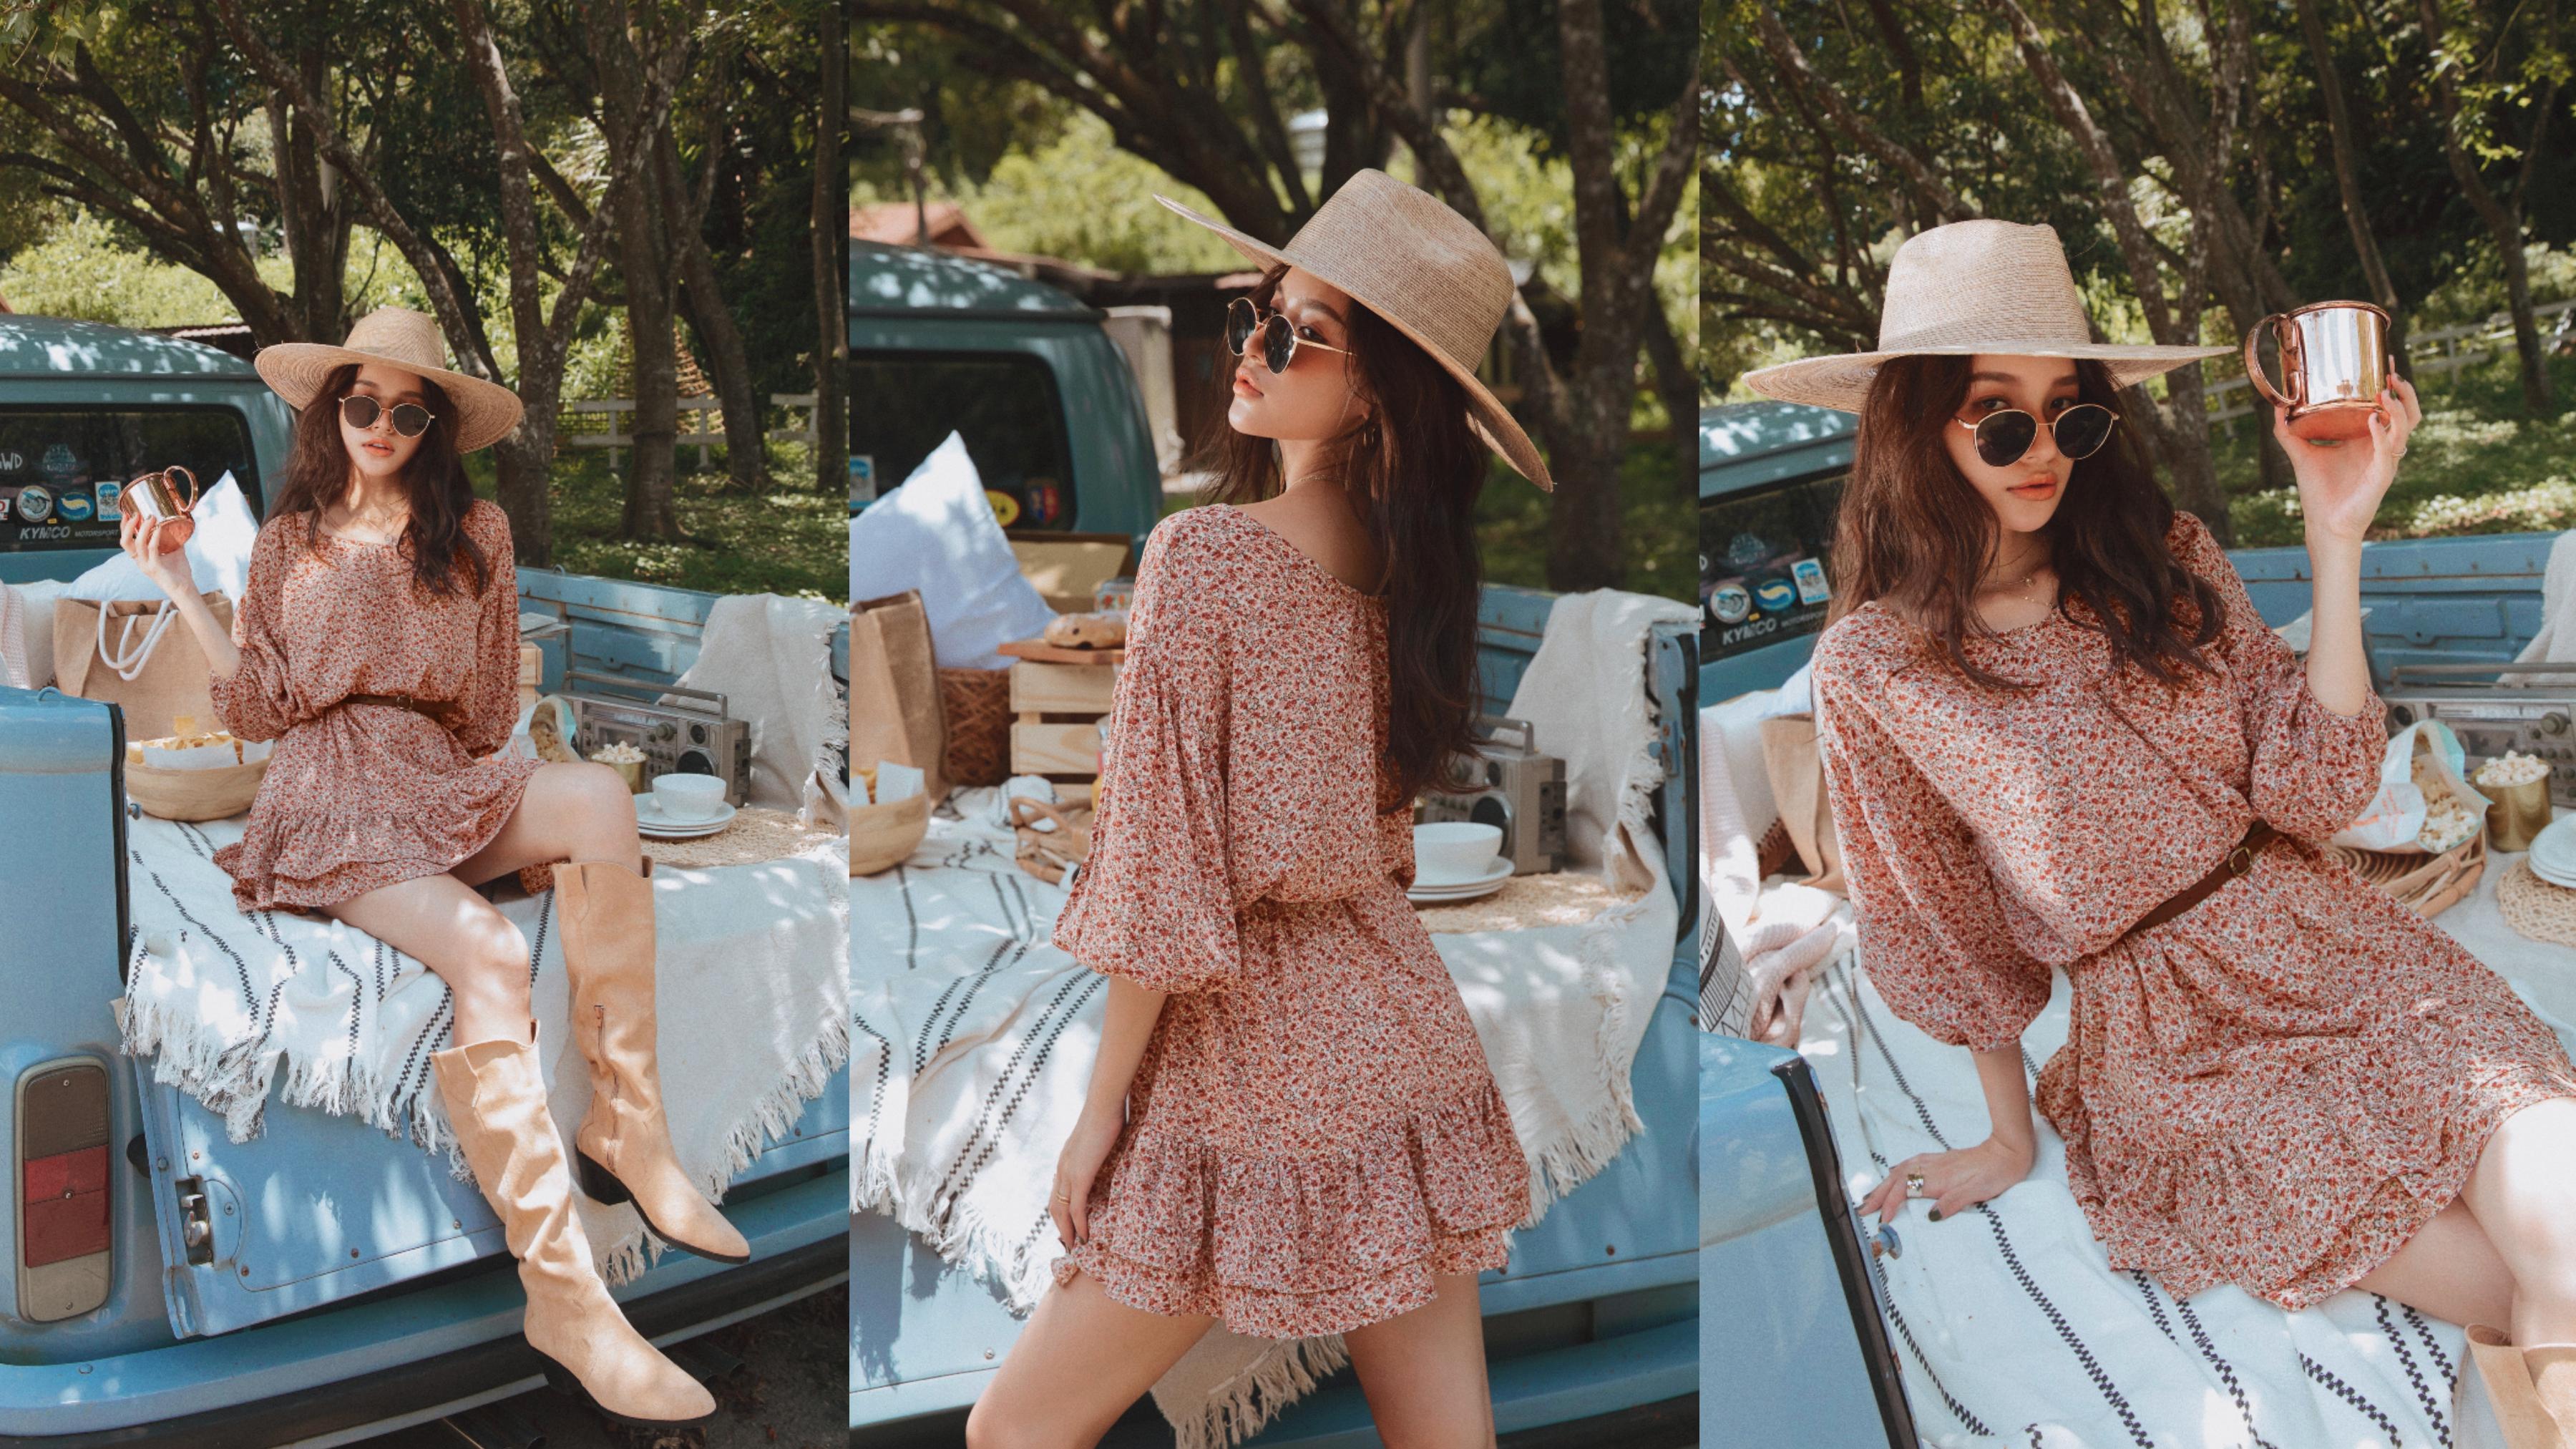 裙襬的荷葉造型,不僅能修飾大腿線條,更能穿出活潑感